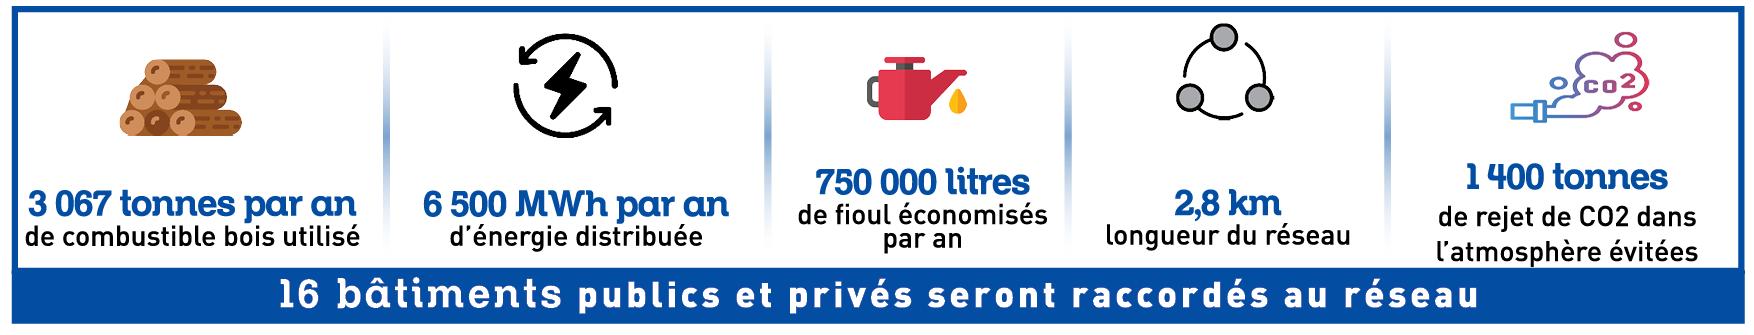 Infographie-Réseau-chaleur-bois